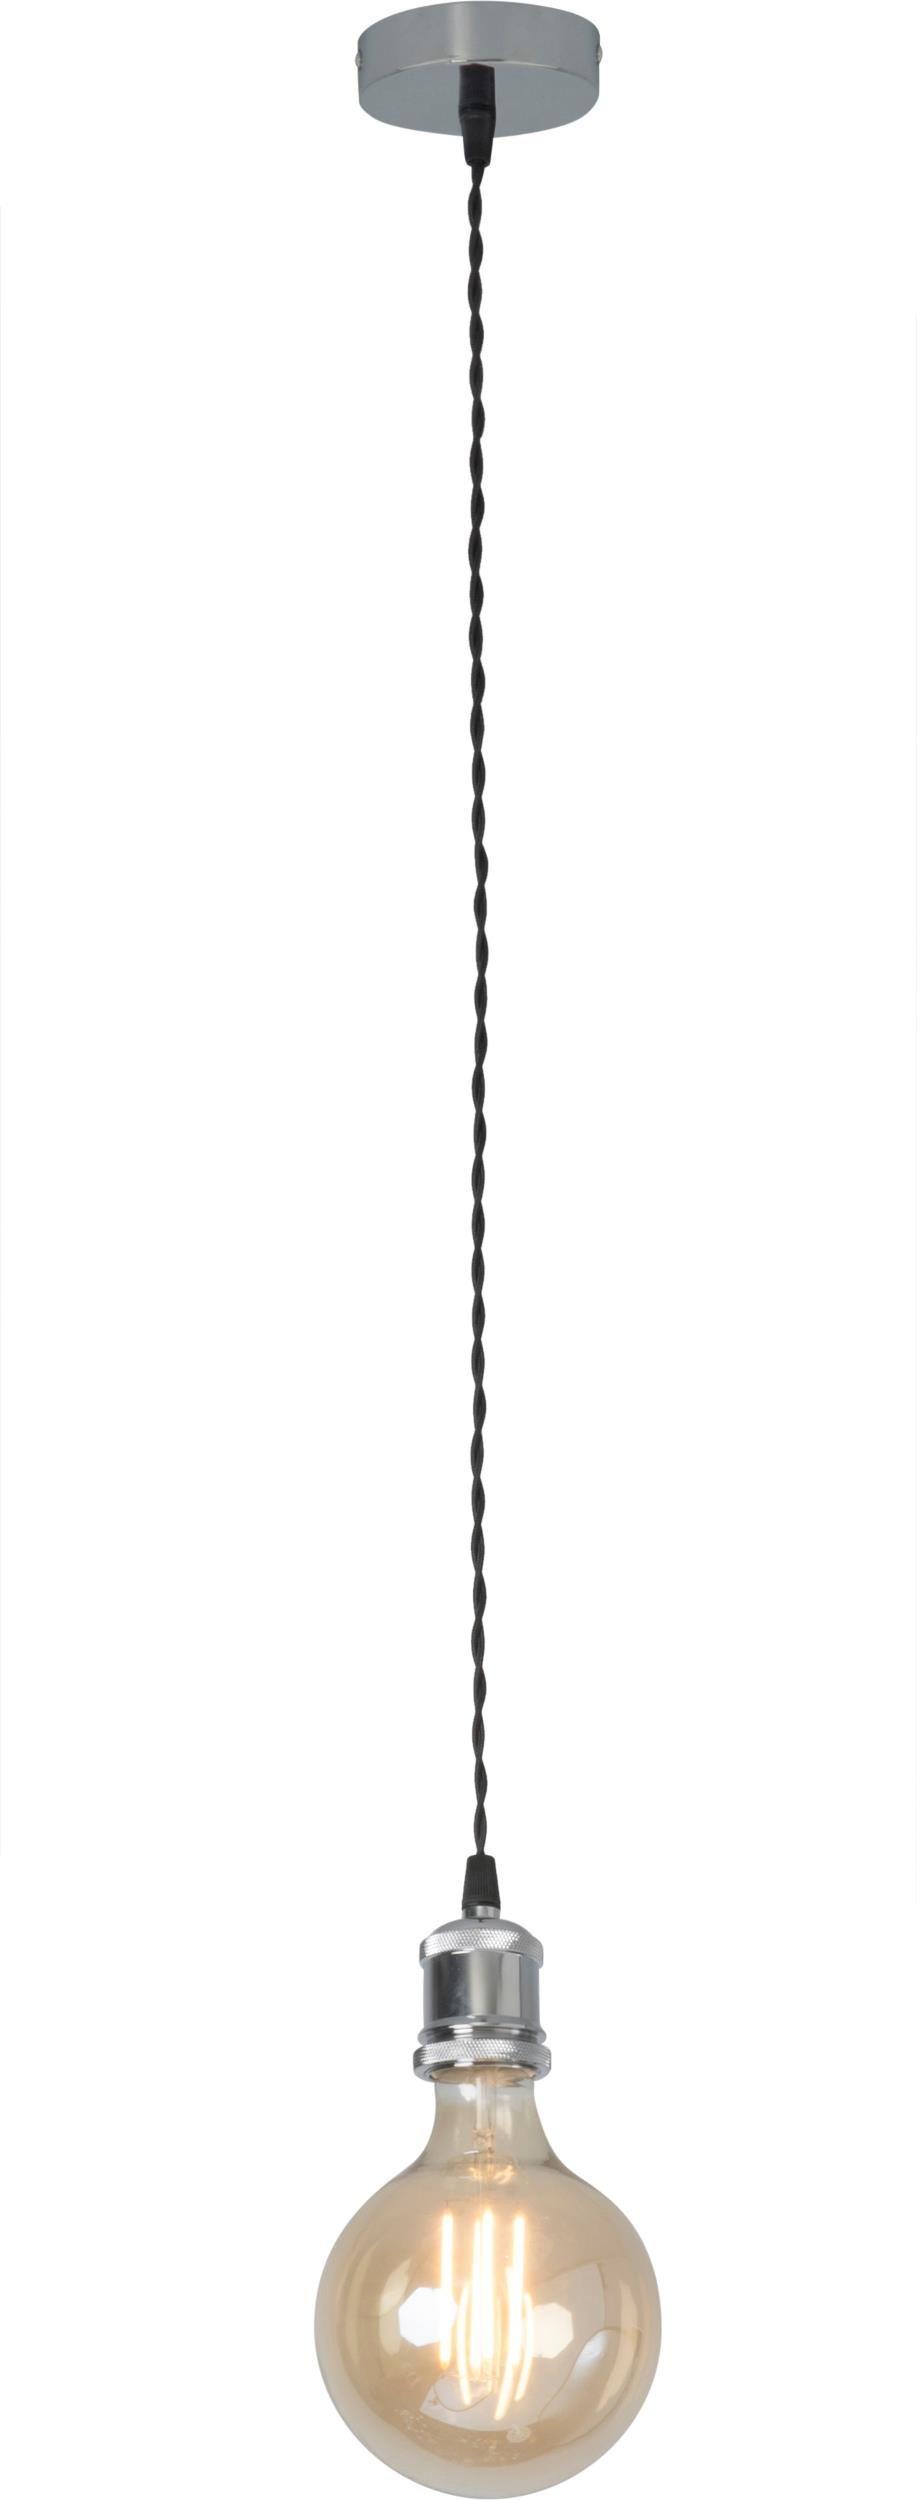 Lampex Uno CHROM 622/1 CHR lampa wisząca nowoczesna chrom E27 1x60W 13cm